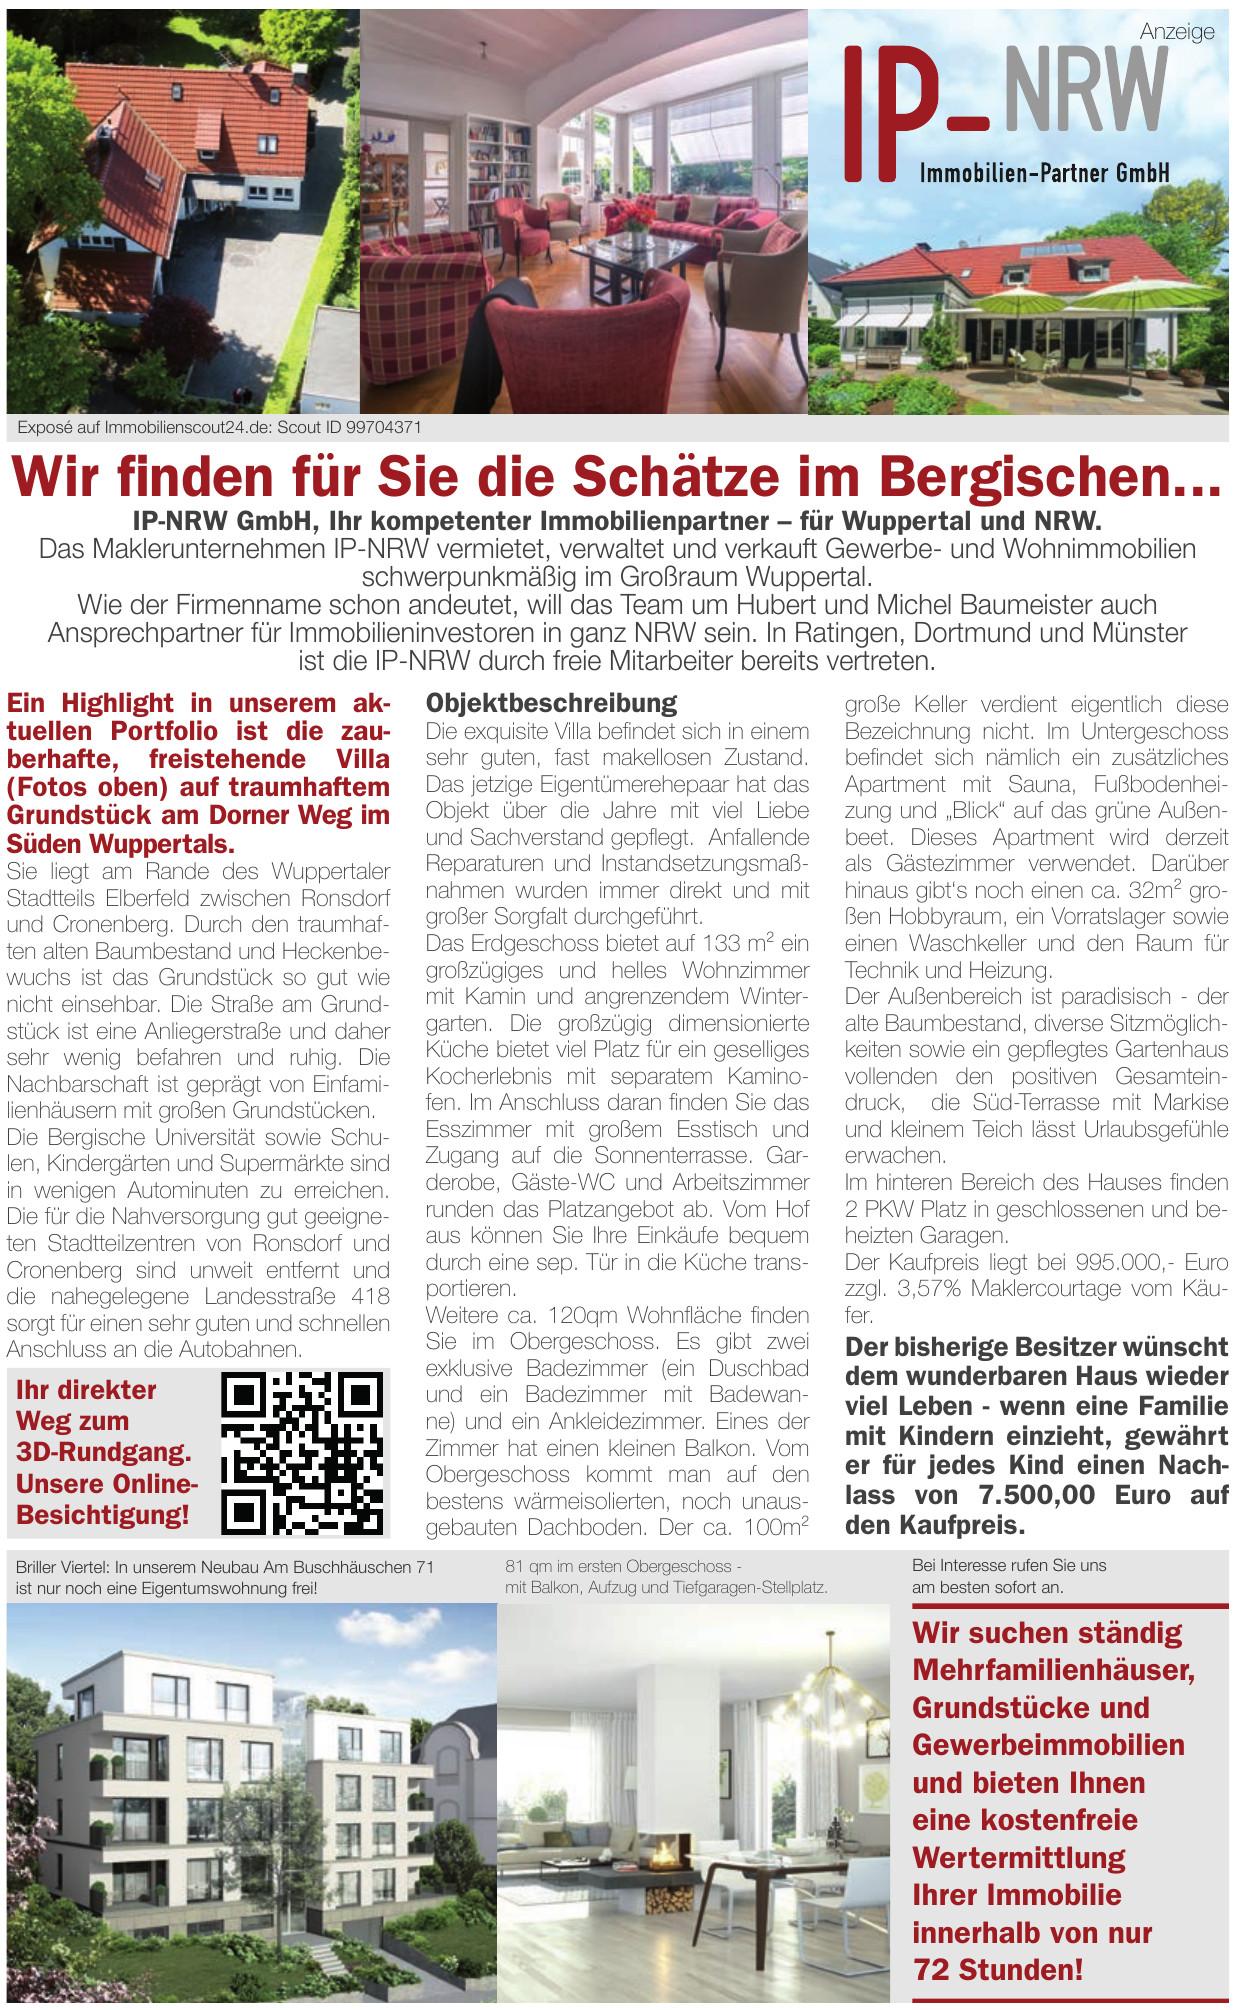 IP-NRW